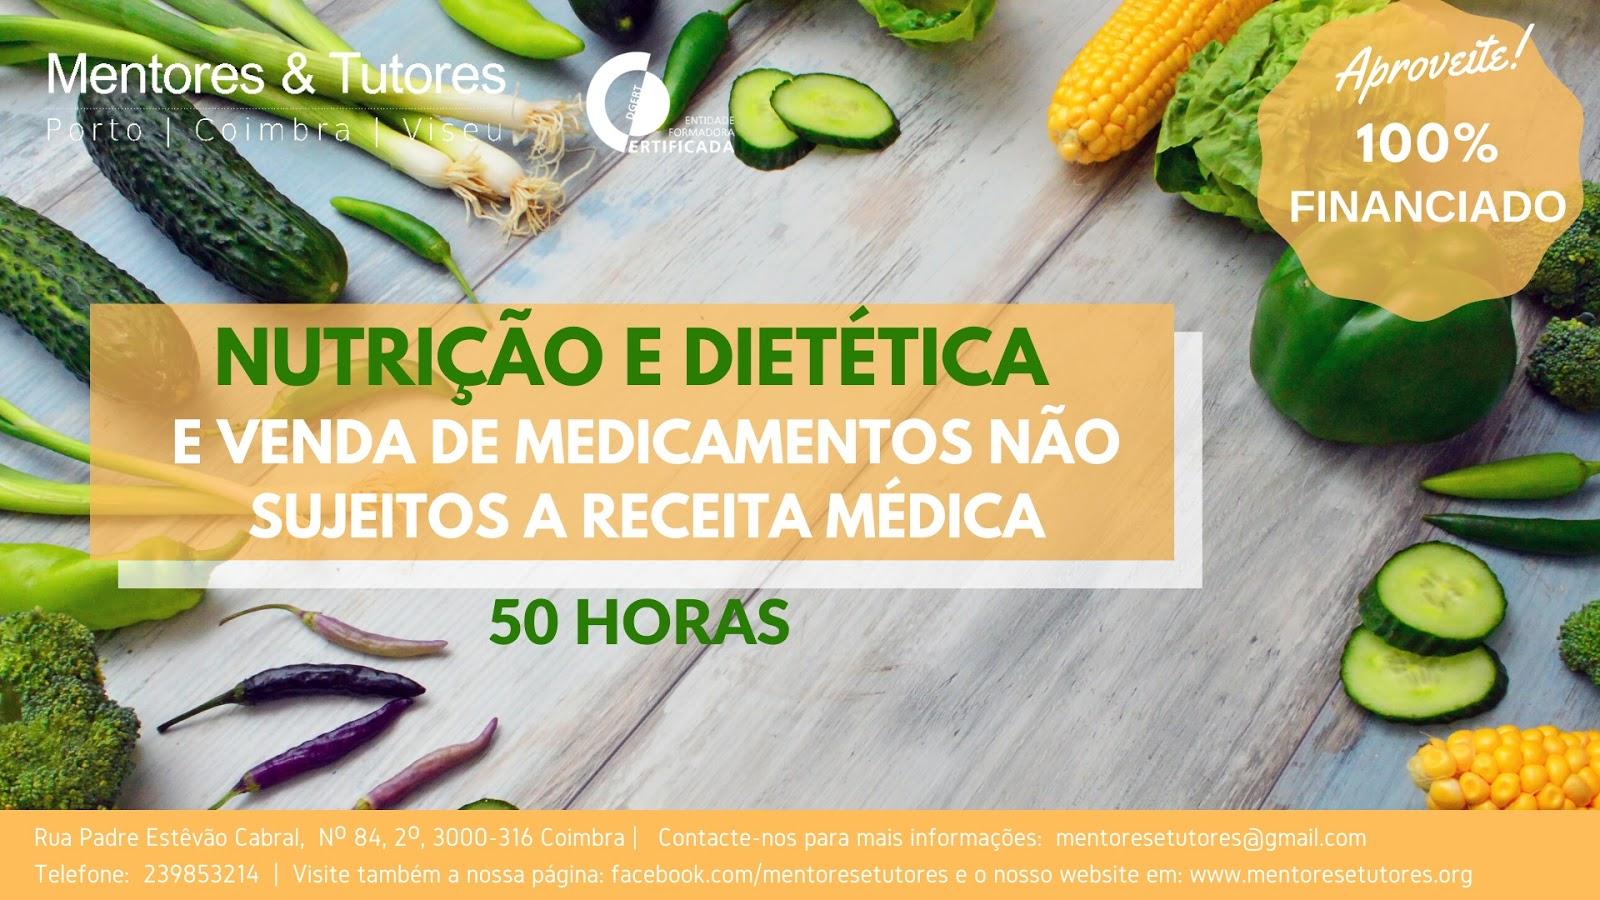 Coimbra – Curso gratuito de NUTRIÇÃO E DIETÉTICA e Venda de Medicamentos não sujeitos a Receita Médica